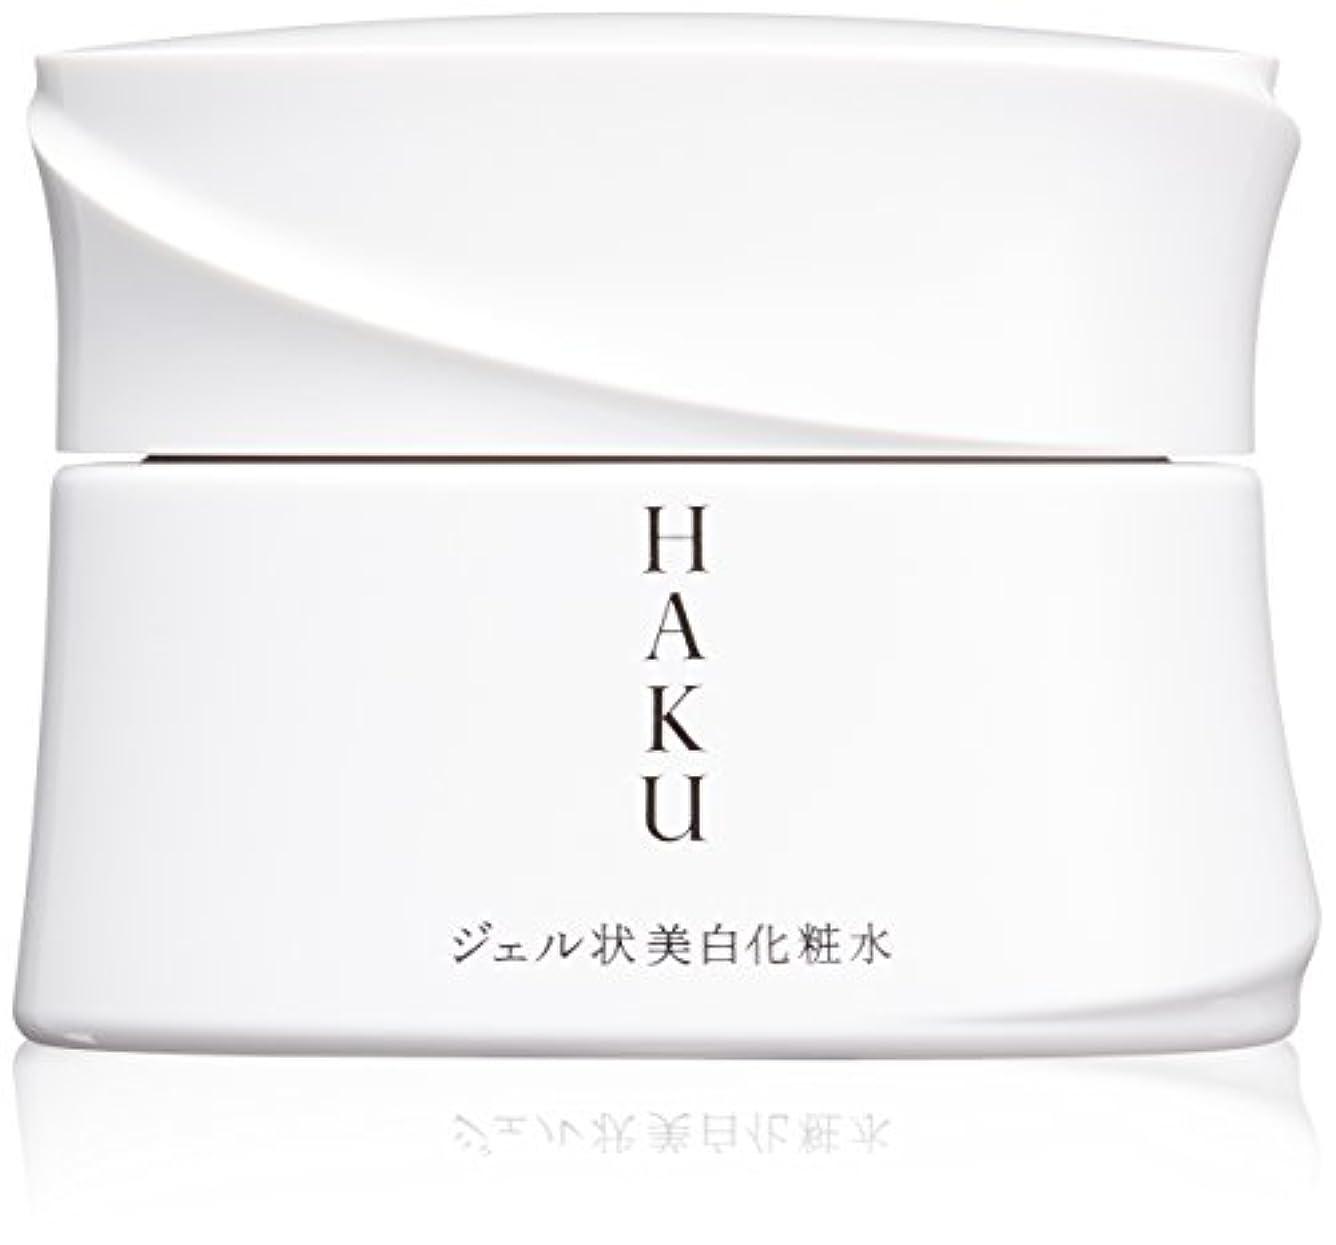 クスクス膨らみ好奇心盛HAKU メラノディープモイスチャー 美白化粧水 100g 【医薬部外品】